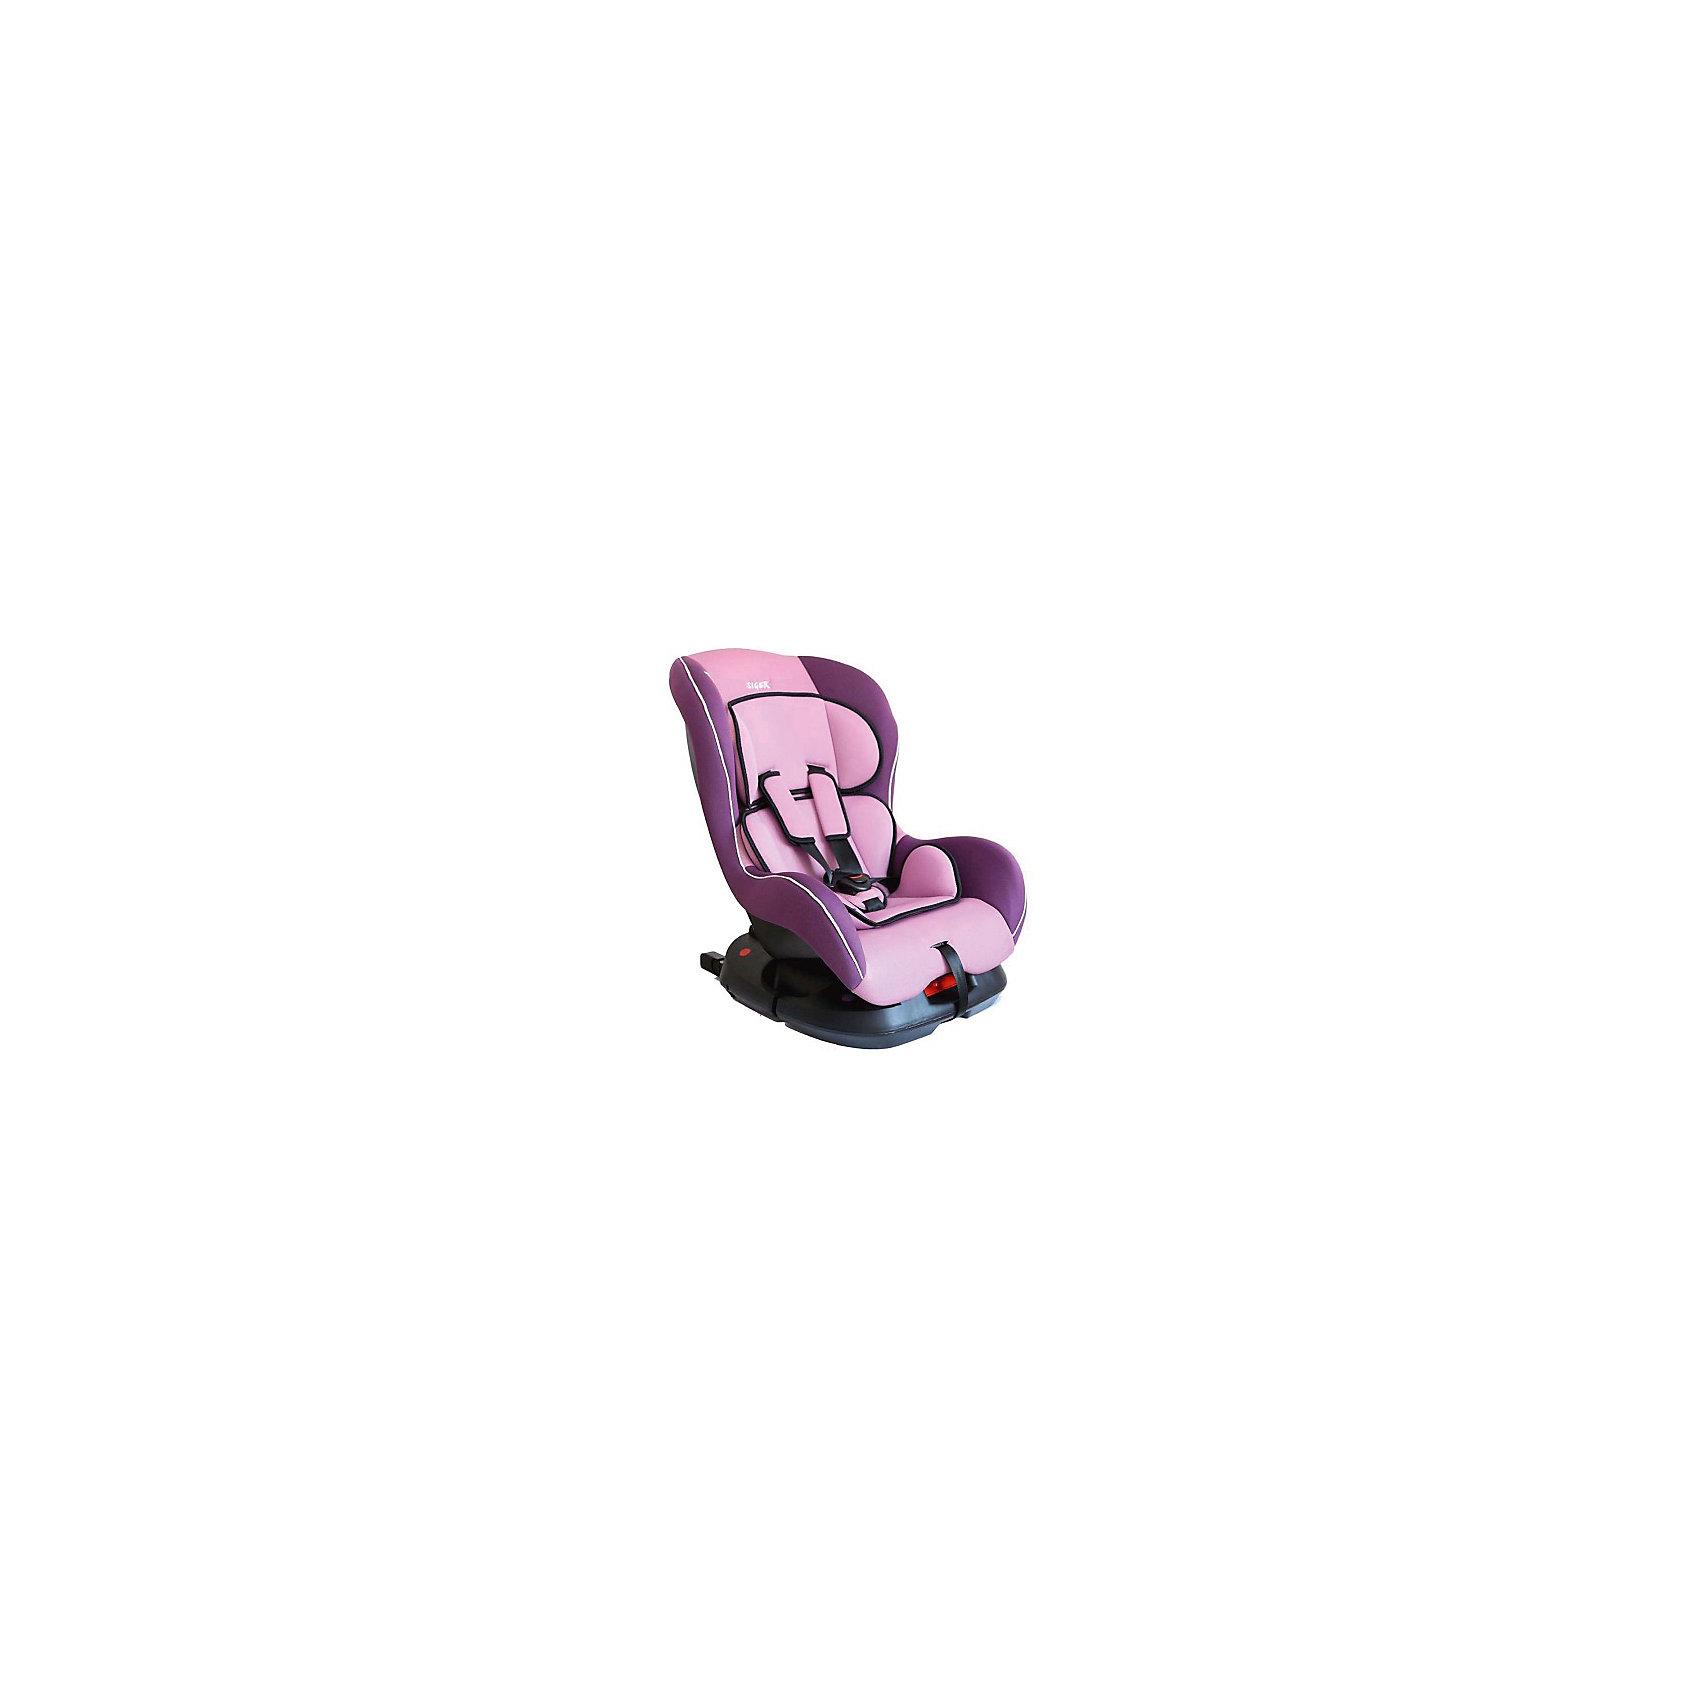 Автокресло Siger Наутилиус isofix 0-18 кг, фиолетовыйГруппа 0+, 1 (До 18 кг)<br>Siger Наутилус Isofix современное, удобное кресло приятной расцветки, обладает анатомической формой. Автокресло имеет регулируемый наклон спинки в пяти положениях, что позволяет Вашему малышу комфортно сидеть, лежать или спать в дороге. Мягкий подголовник защитит голову вашего ребенка с трех сторон.<br><br>Дополнительная информация:<br><br>- Материал: текстиль, пластик, металл.<br>- Размер: 62x59x45 см<br>- Возраст: от 0 месяцев до 4 лет<br>- Группа: 0/1 (до 18 кг)<br>- Вес кресла: 5.7 кг<br>- Внутренние 5-точечные ремни безопасности<br>- 5 положений регулировки наклона кресла<br>- Вид крепления: система IZOFIX<br><br>Автокресло Наутилиус isofix 0-18 кг., Siger, фиолетовый можно купить в нашем интернет-магазине.<br><br>Ширина мм: 620<br>Глубина мм: 450<br>Высота мм: 620<br>Вес г: 6700<br>Возраст от месяцев: 0<br>Возраст до месяцев: 48<br>Пол: Унисекс<br>Возраст: Детский<br>SKU: 4809121